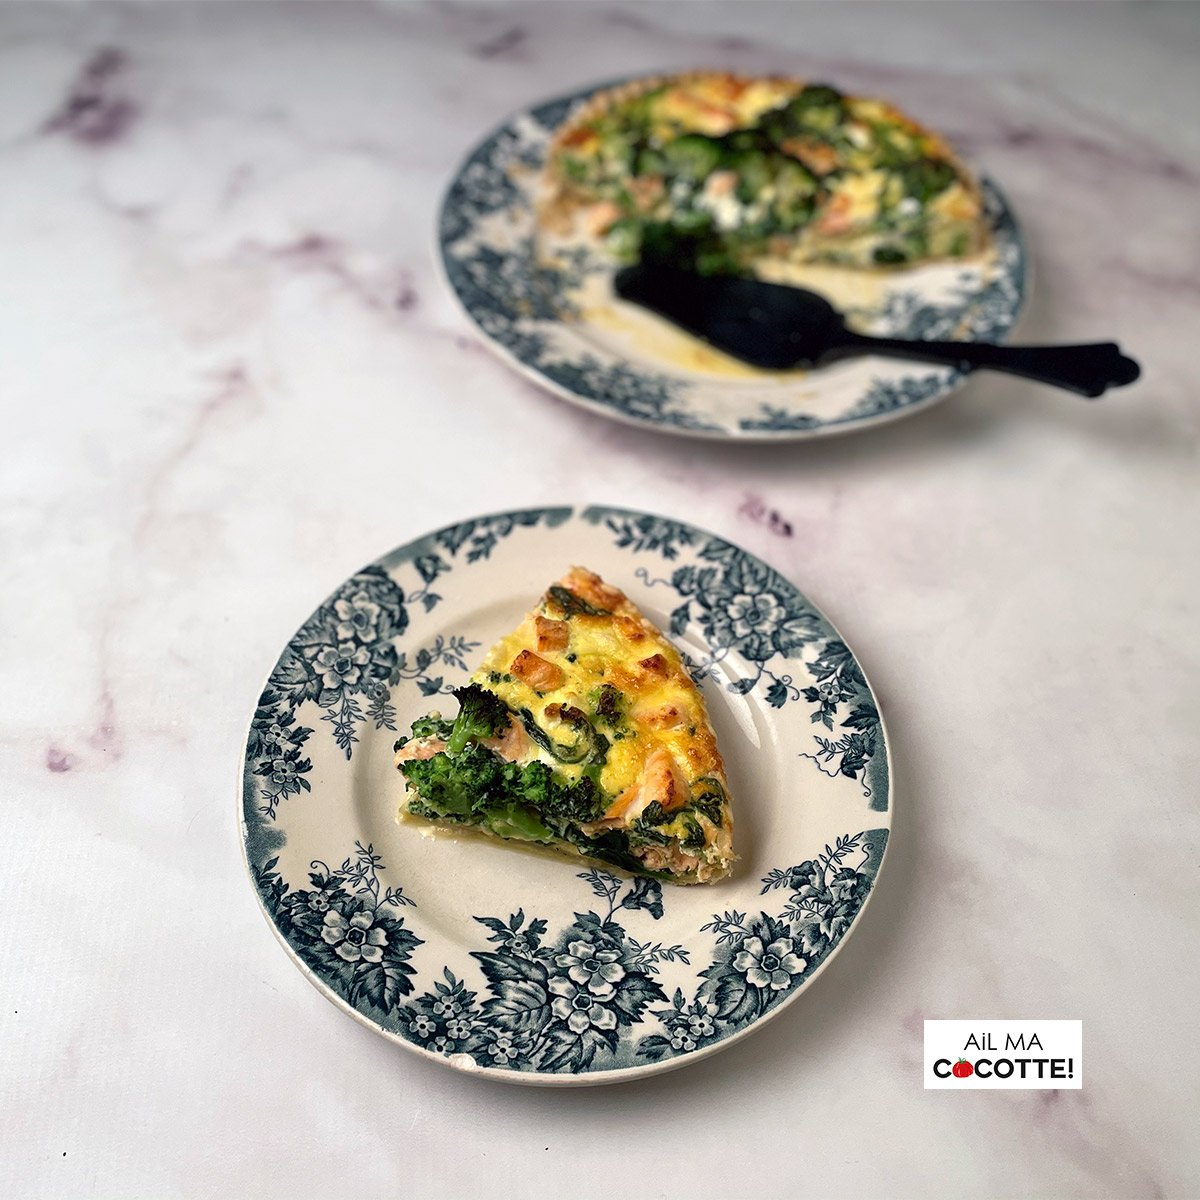 Quiche au saumon, brocoli, chèvre et épinards, ailmacocotte.com